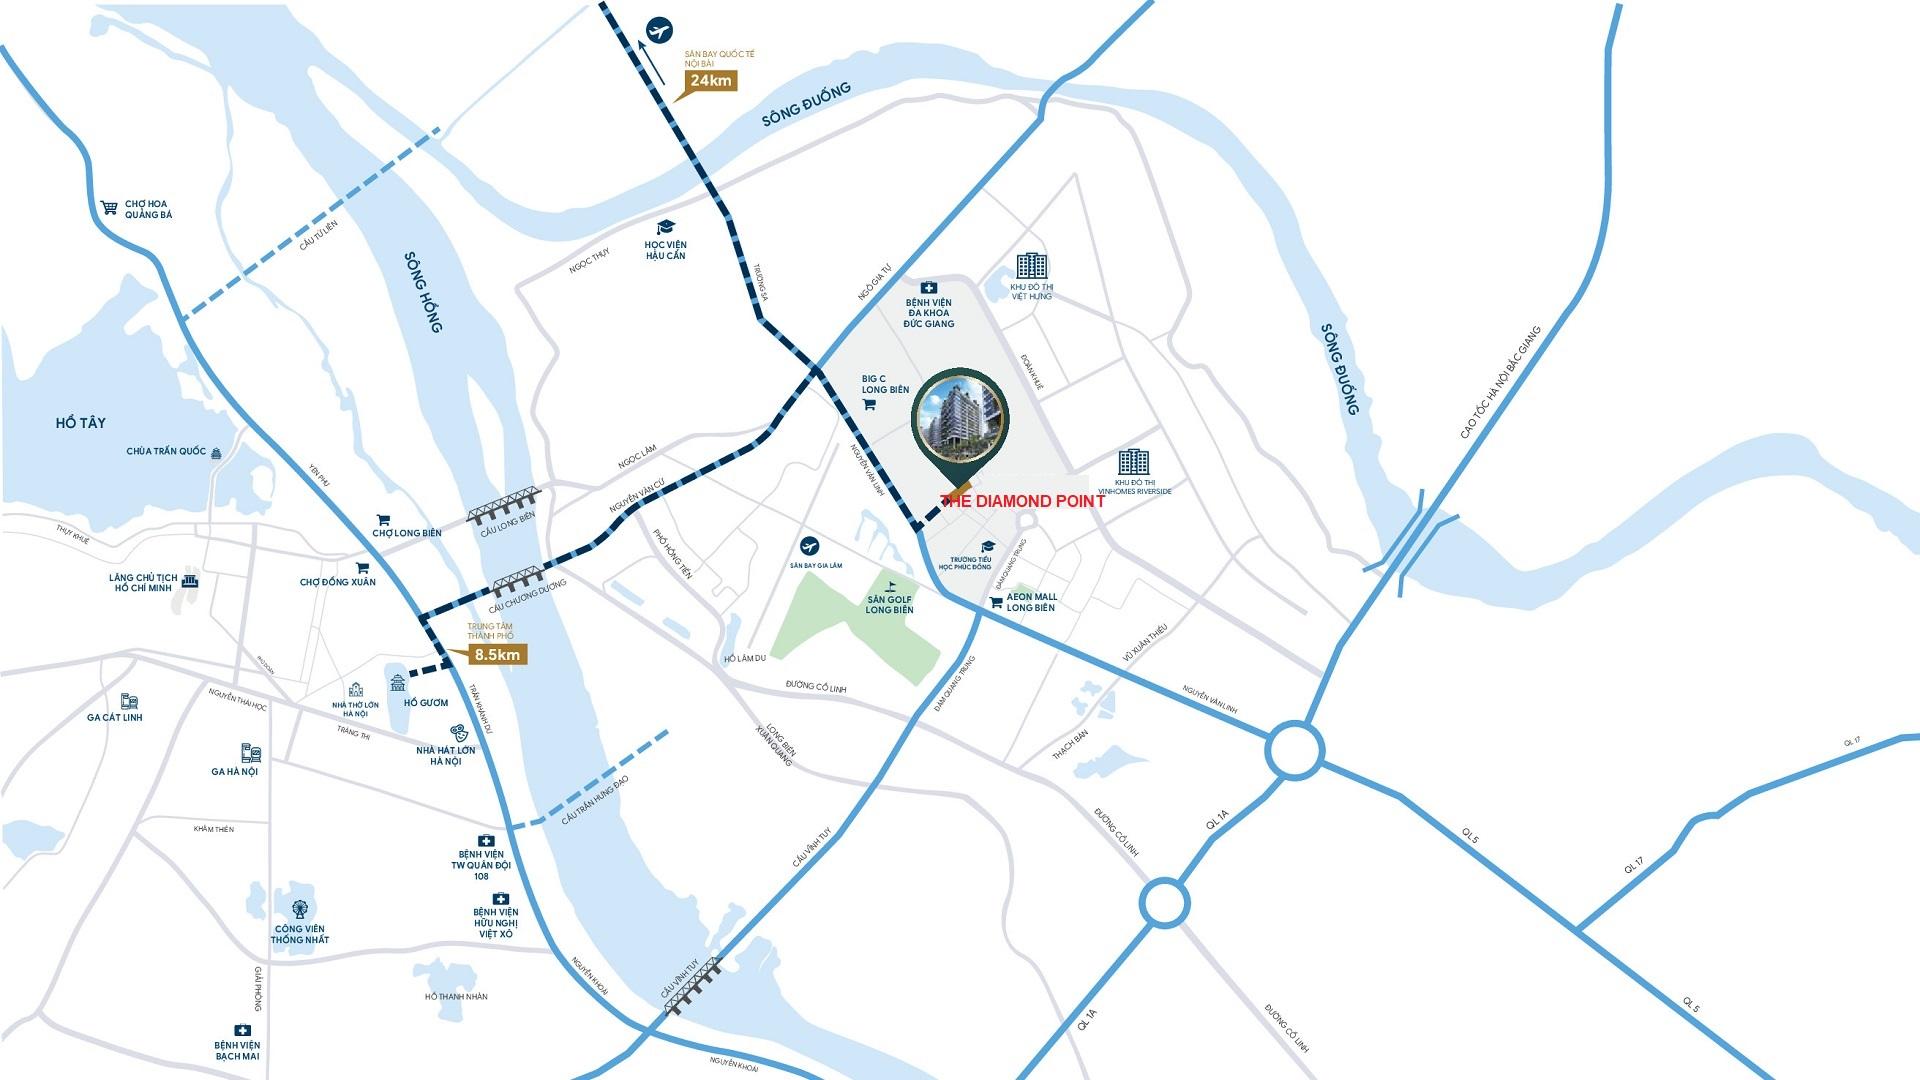 The Diamond Point Phúc Đồng Long Biên - Tọa độ Kim cương, Khơi nguồn Thịnh vượng 128 biệt thự liền kề